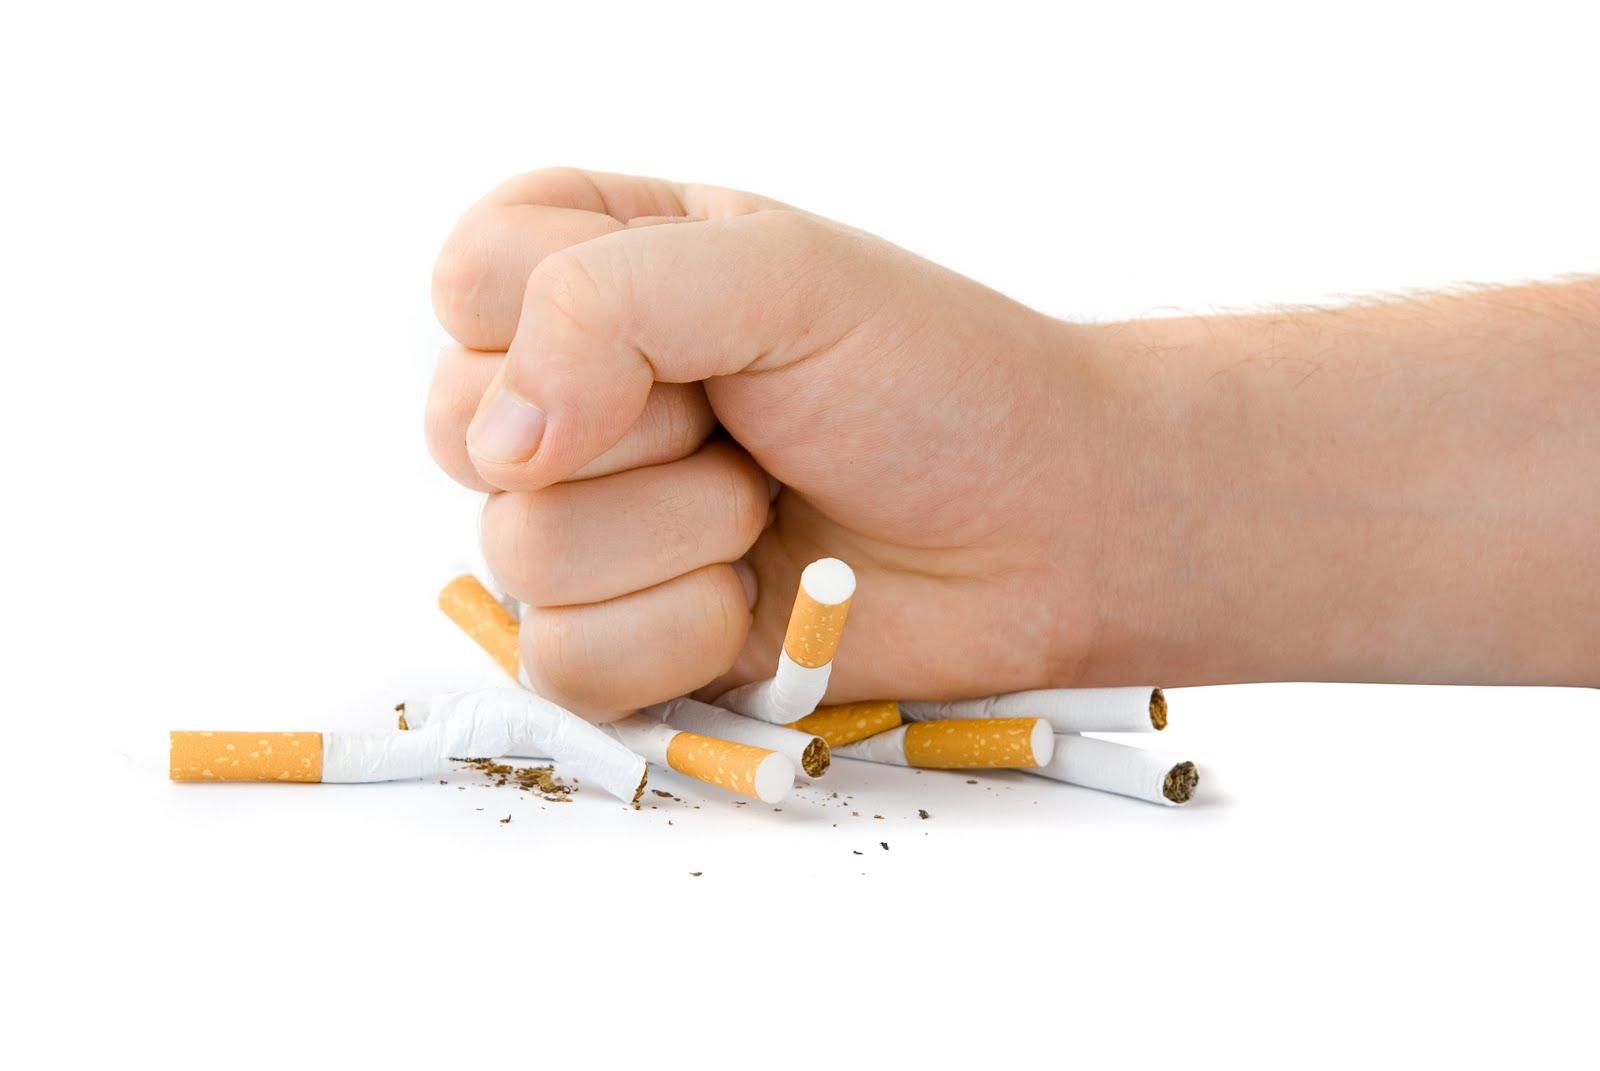 Б.Майцэцэг: Тамхины онцгой албан татварыг 50 хувиар нэмснээр 1,700-2,600 орчим хүнийг цаг бусаар эндэхээс сэргийлэх боломжтой